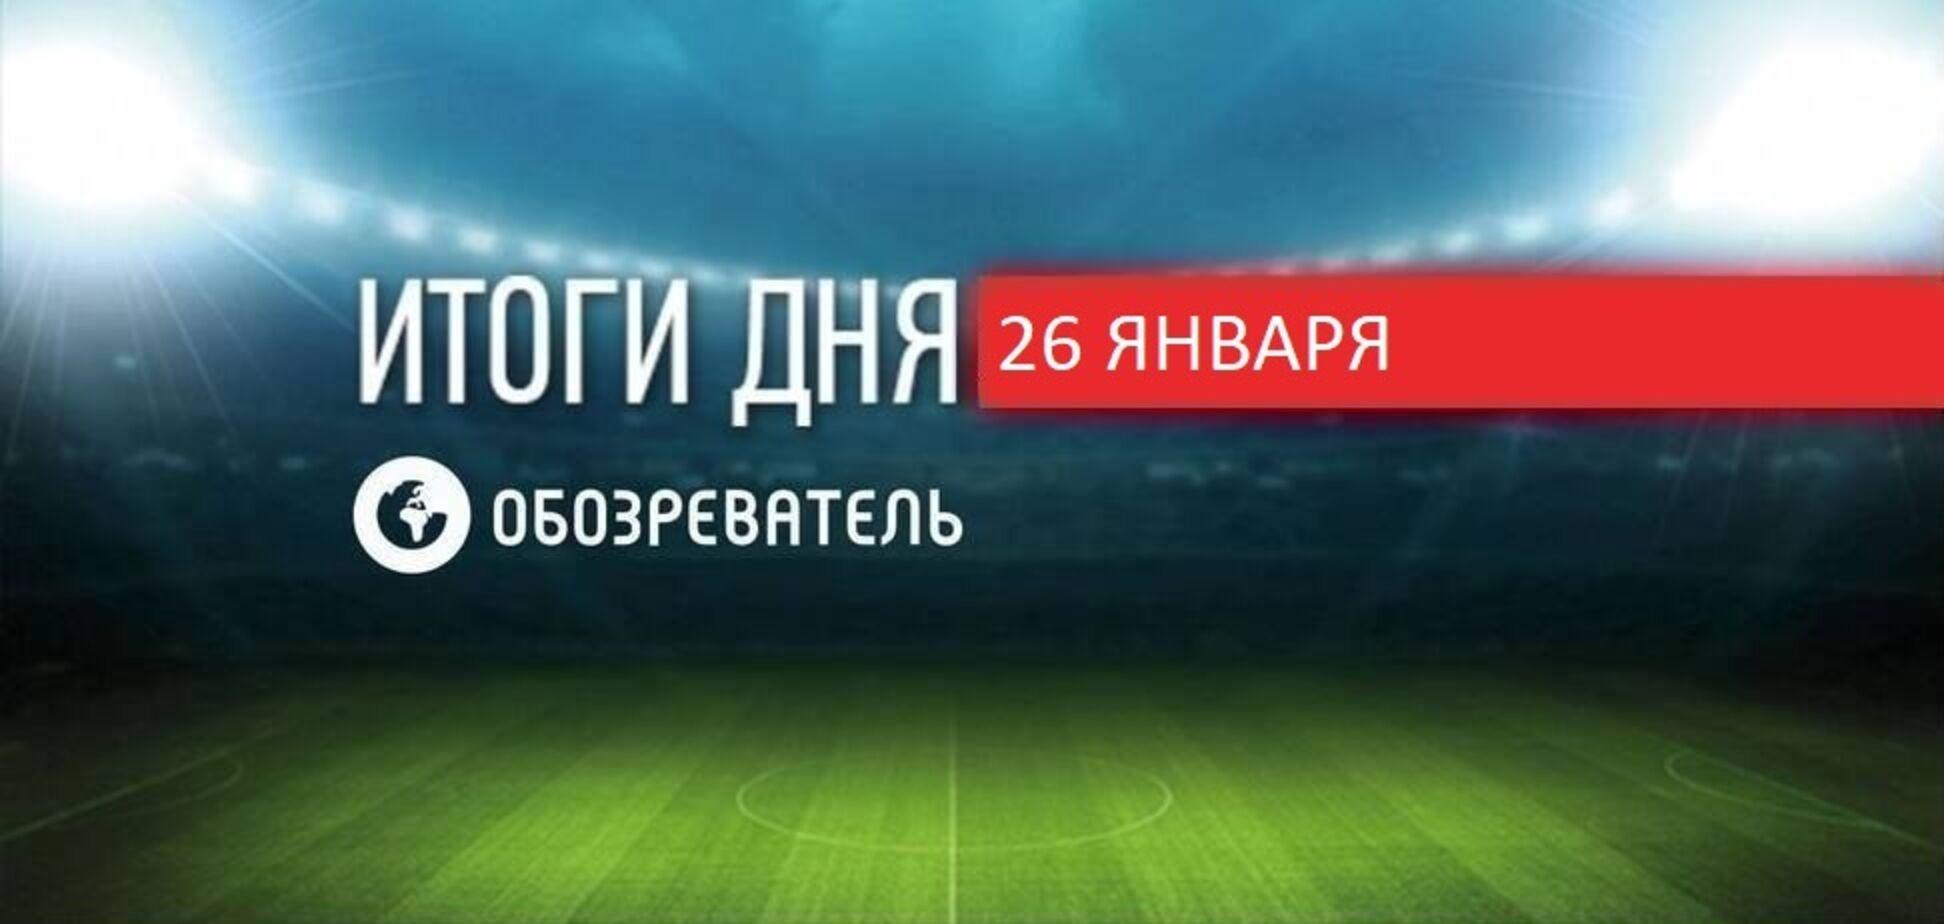 Суркис назвал предателем легенду 'Динамо': спортивные итоги 26 января